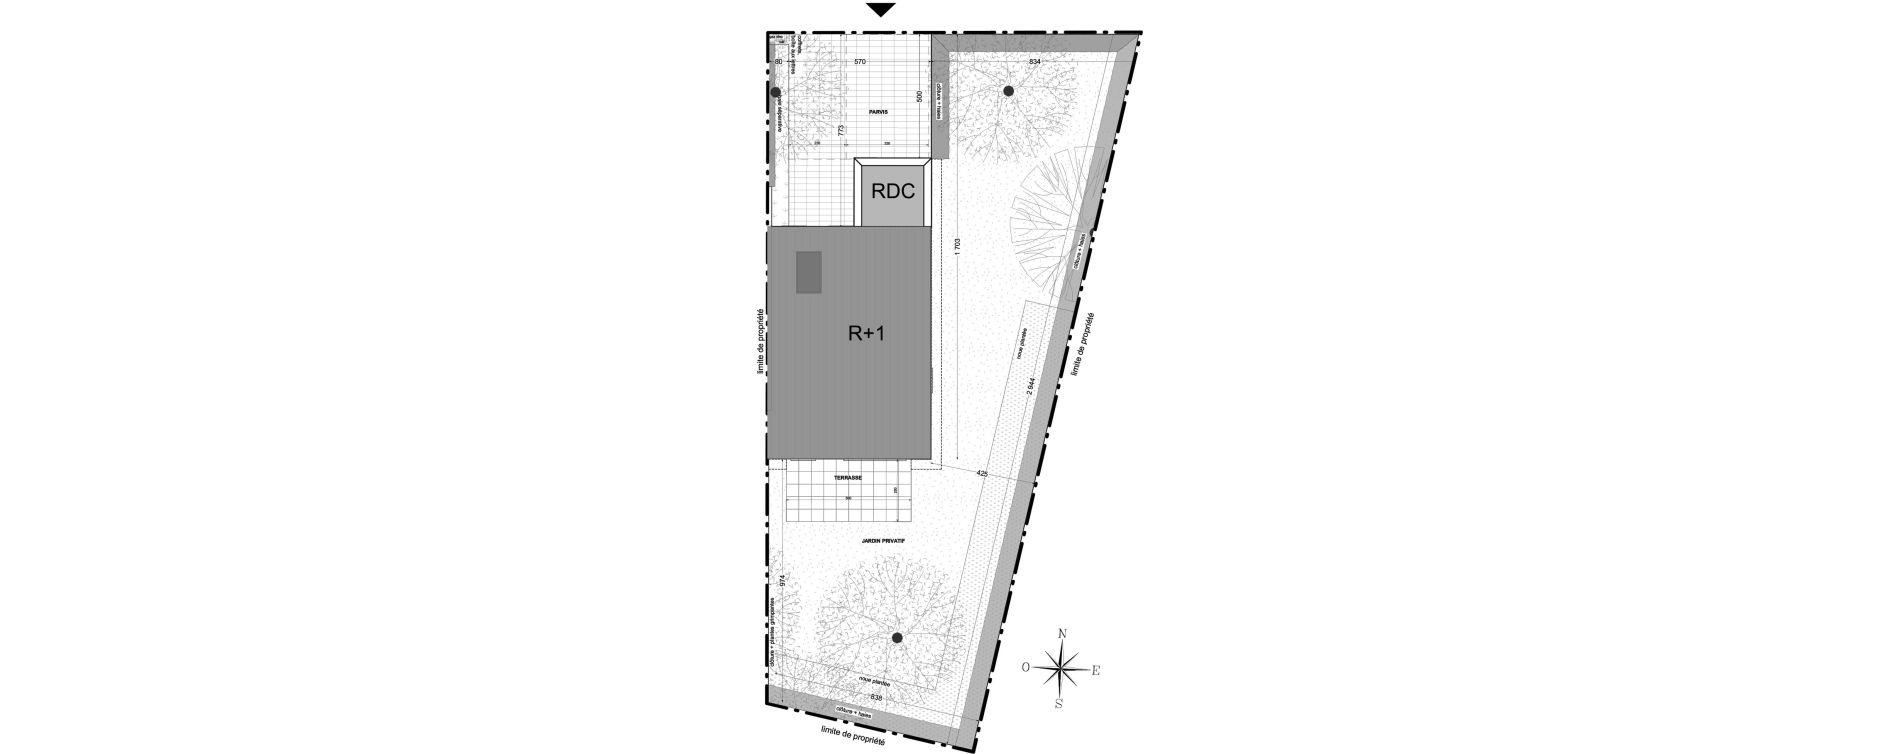 Maison T4 de 86,87 m2 à Colmar Saint-vincent de paul